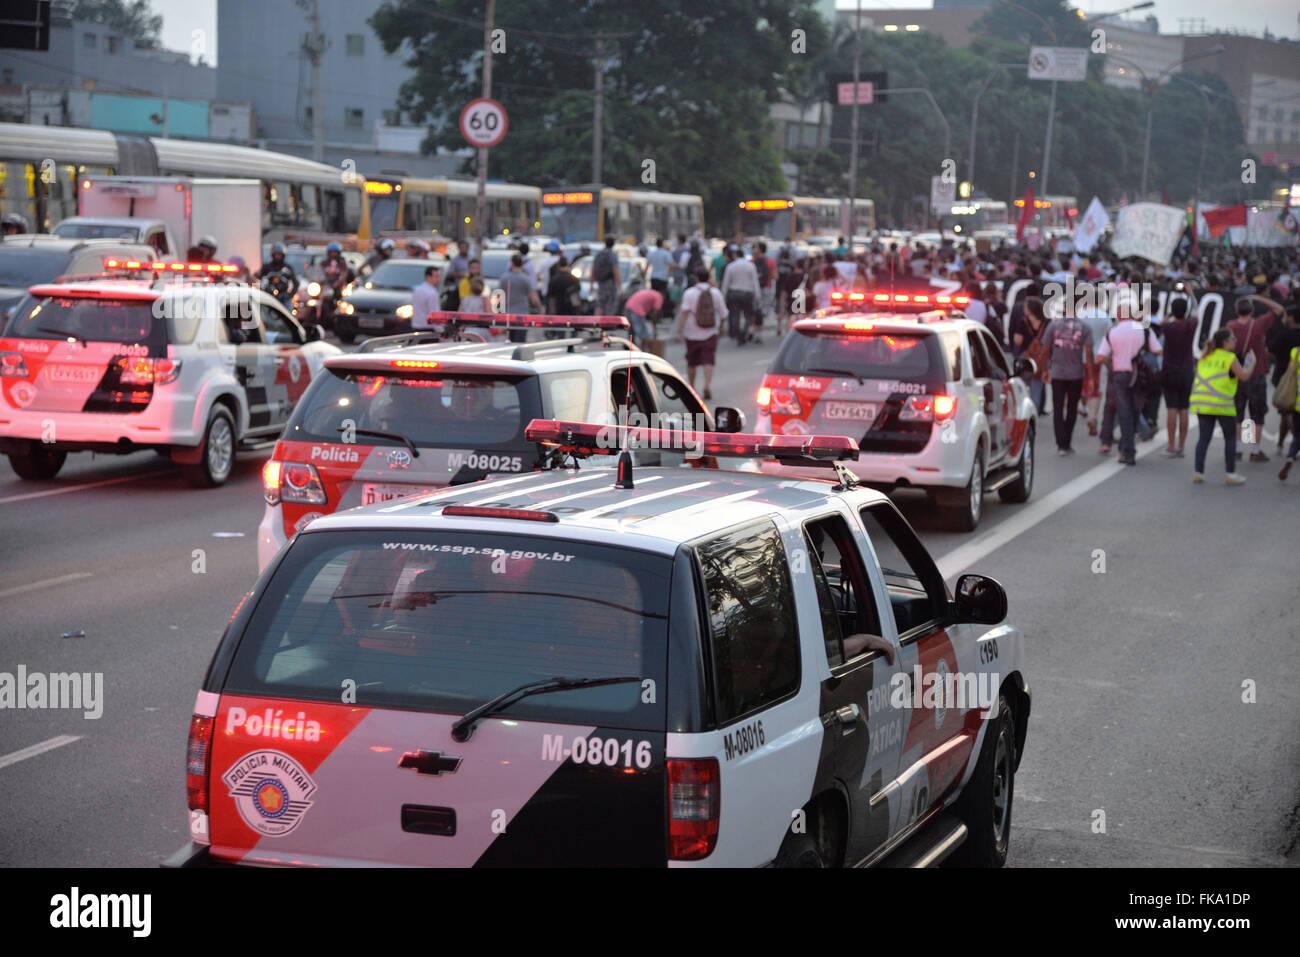 Autos-Militärpolizei begleiten Demonstration gegen erhöhten Fahrpreis Stockbild